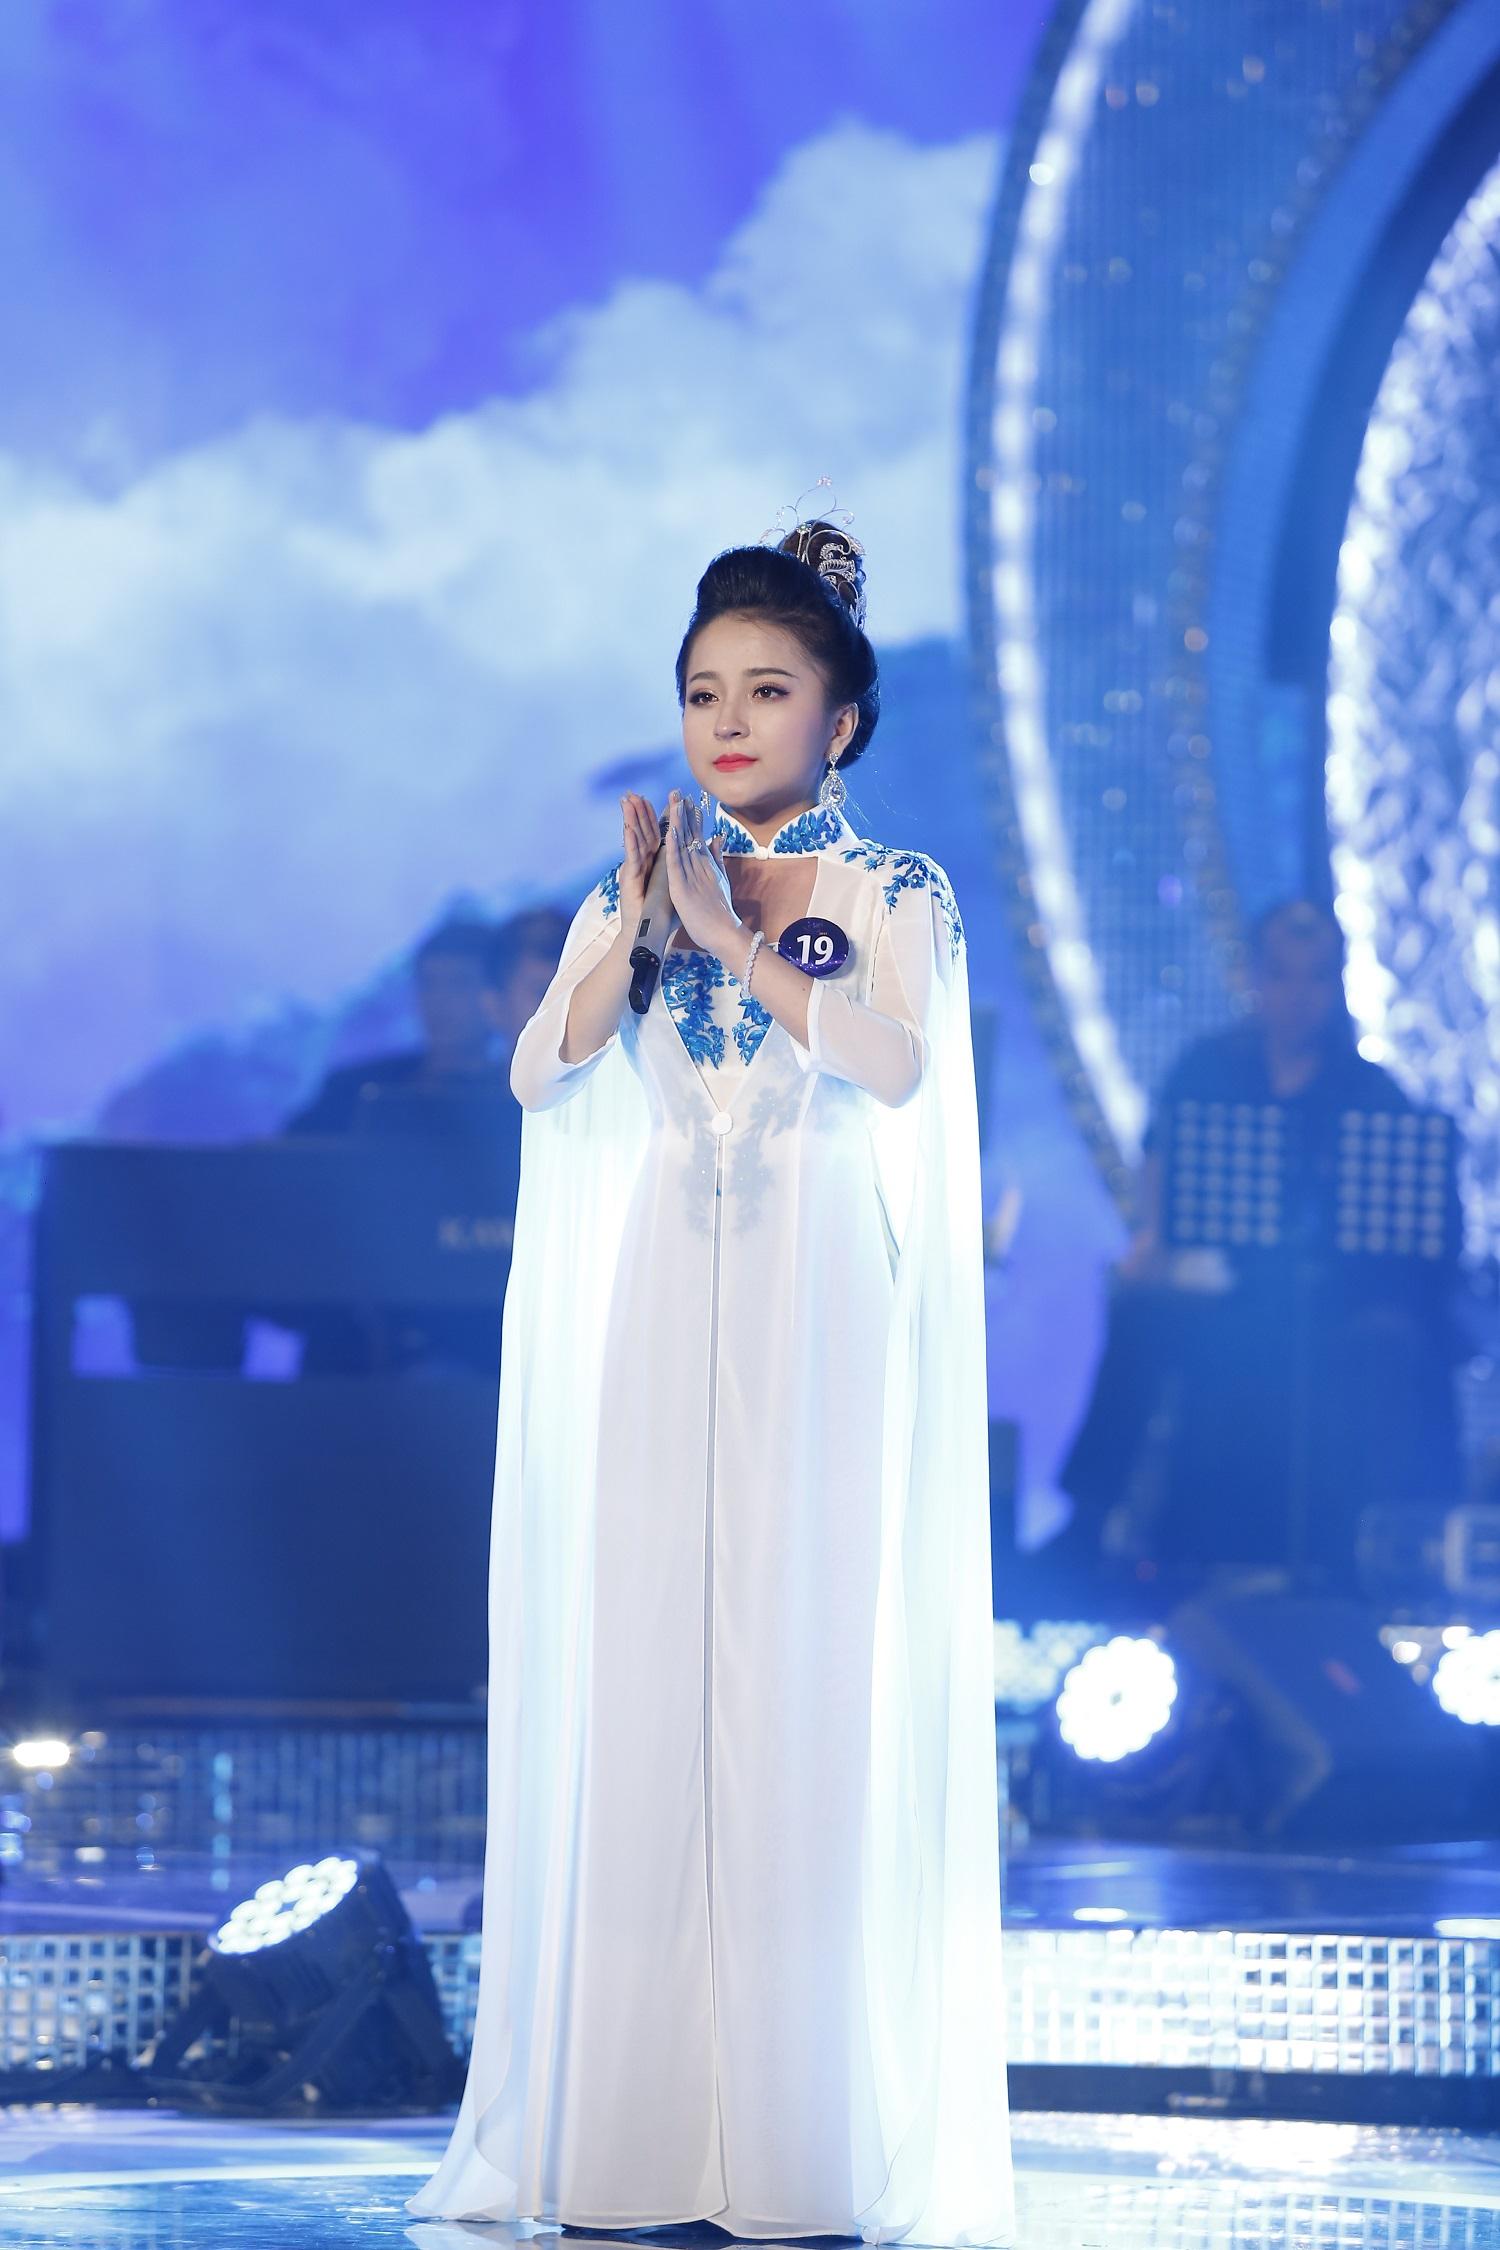 Phan Ngọc Ánh hot girl ví dặm triệu view: Vượt qua chính mình - Ảnh 3.